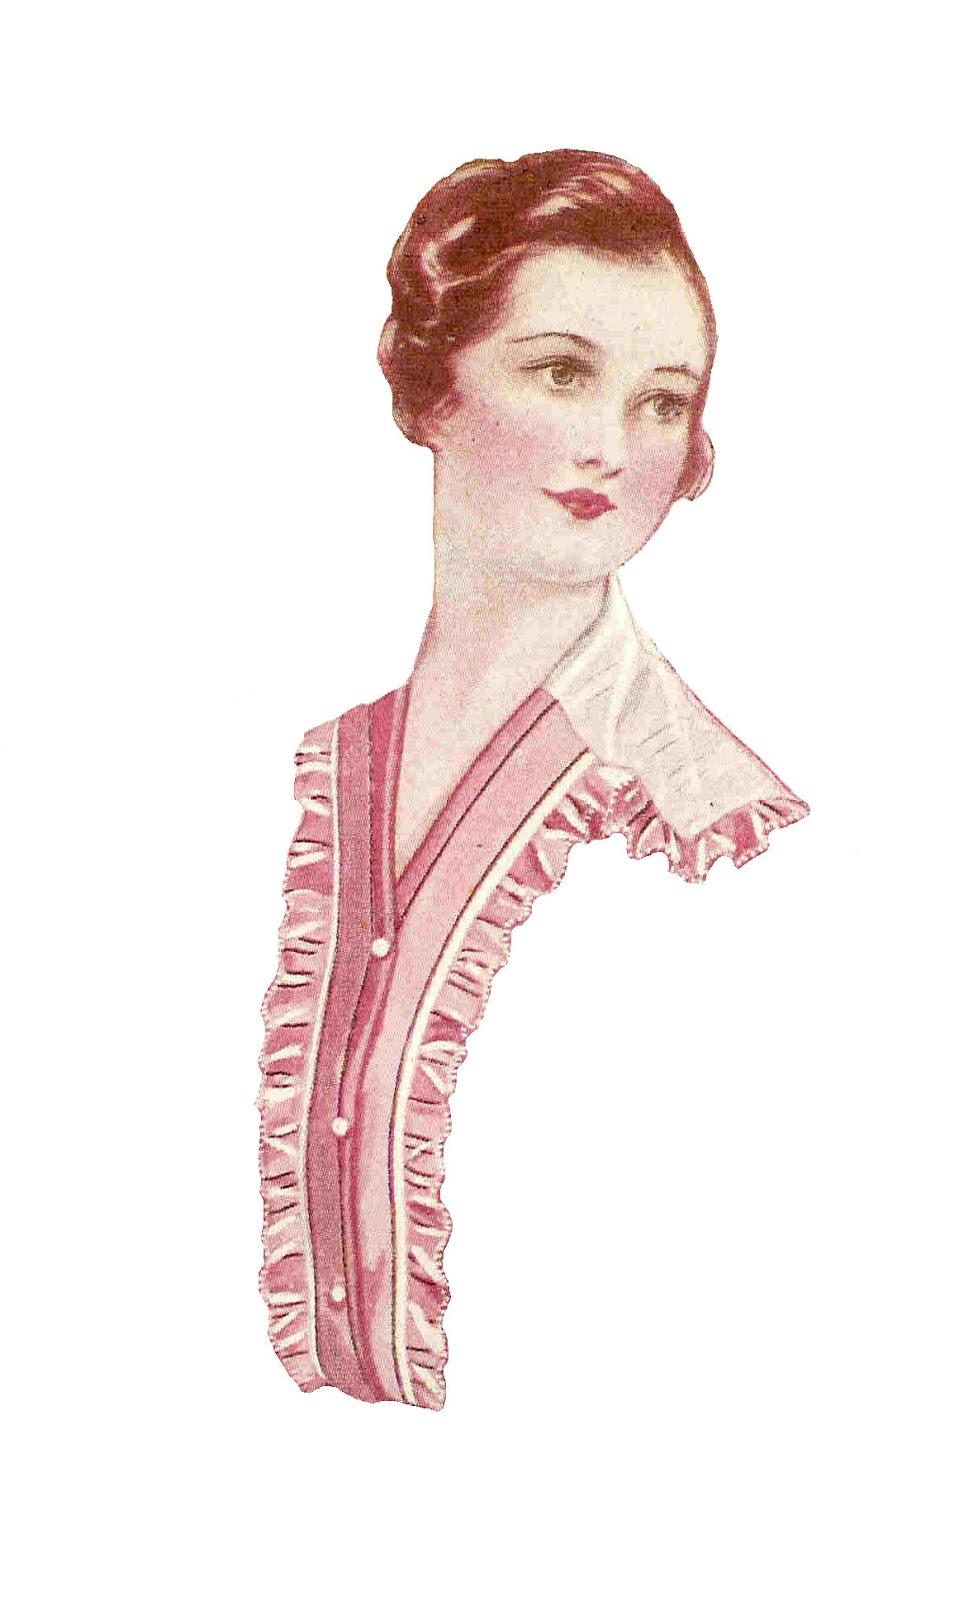 Free Fashion Clipart: Antique Images: Free Fashion Clip Art: 2 Vintage Women's